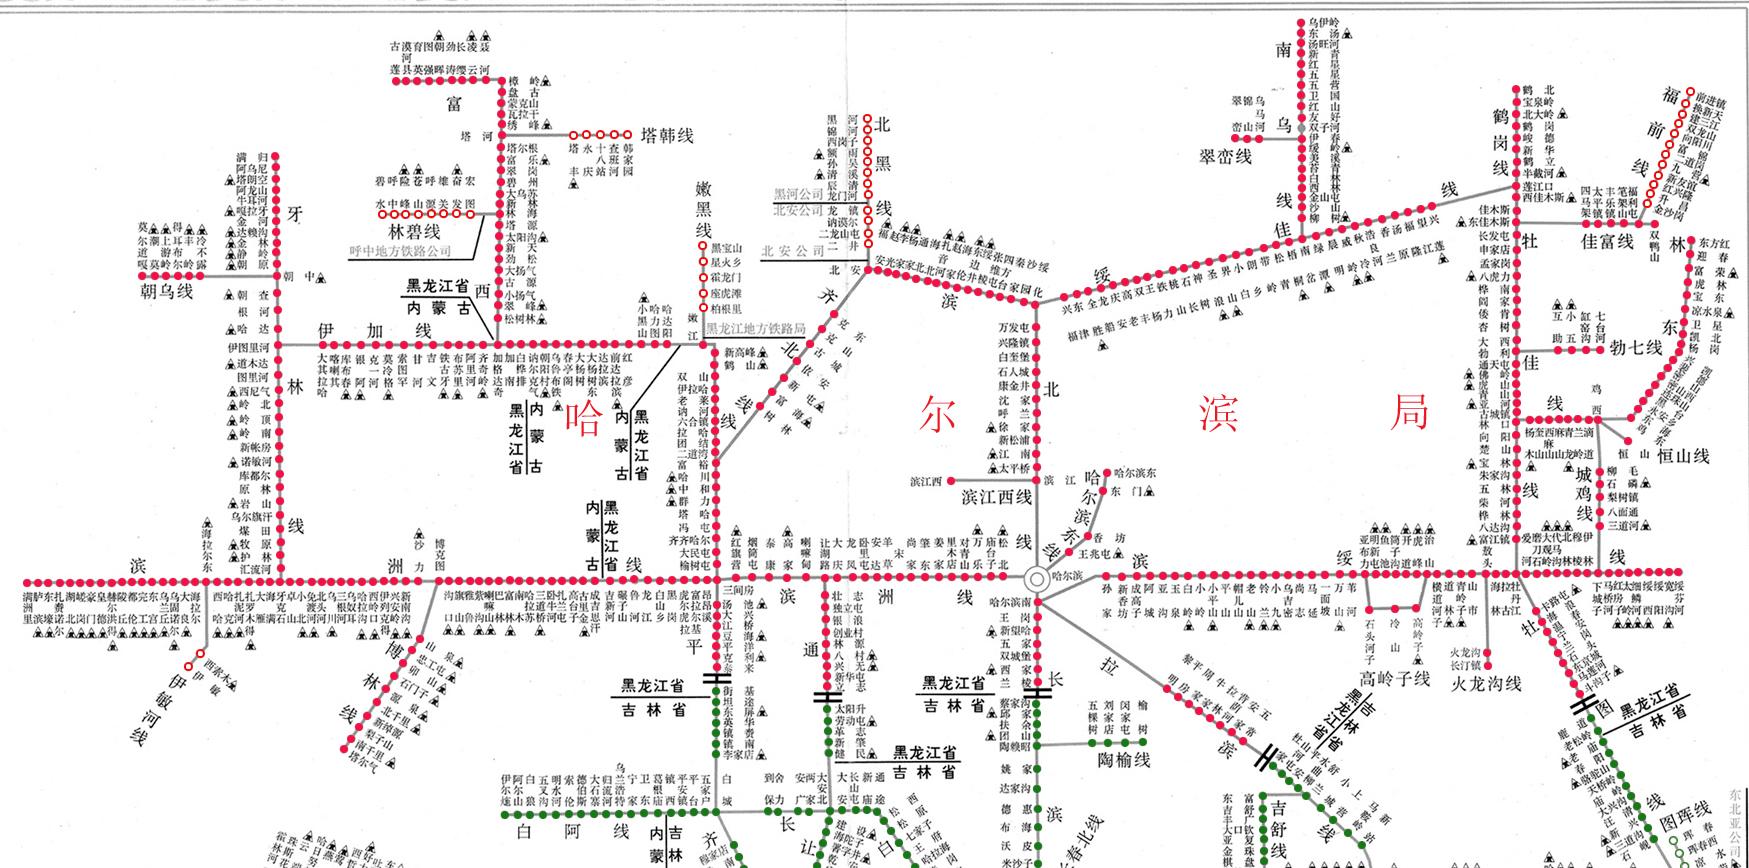 哈尔滨铁路局货运营业站示意图